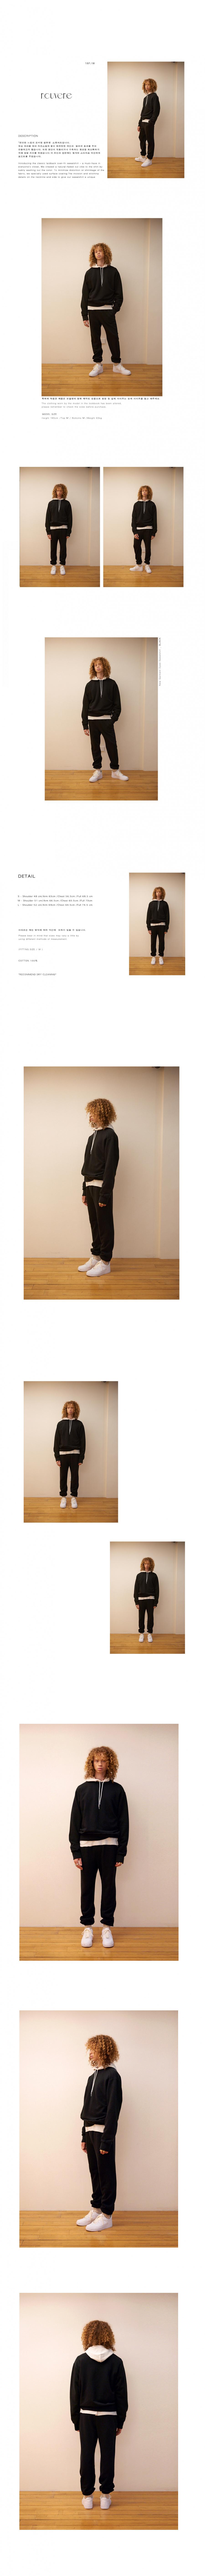 누엔(NOUVENE) New Garment Dyed Sweatshirt Black